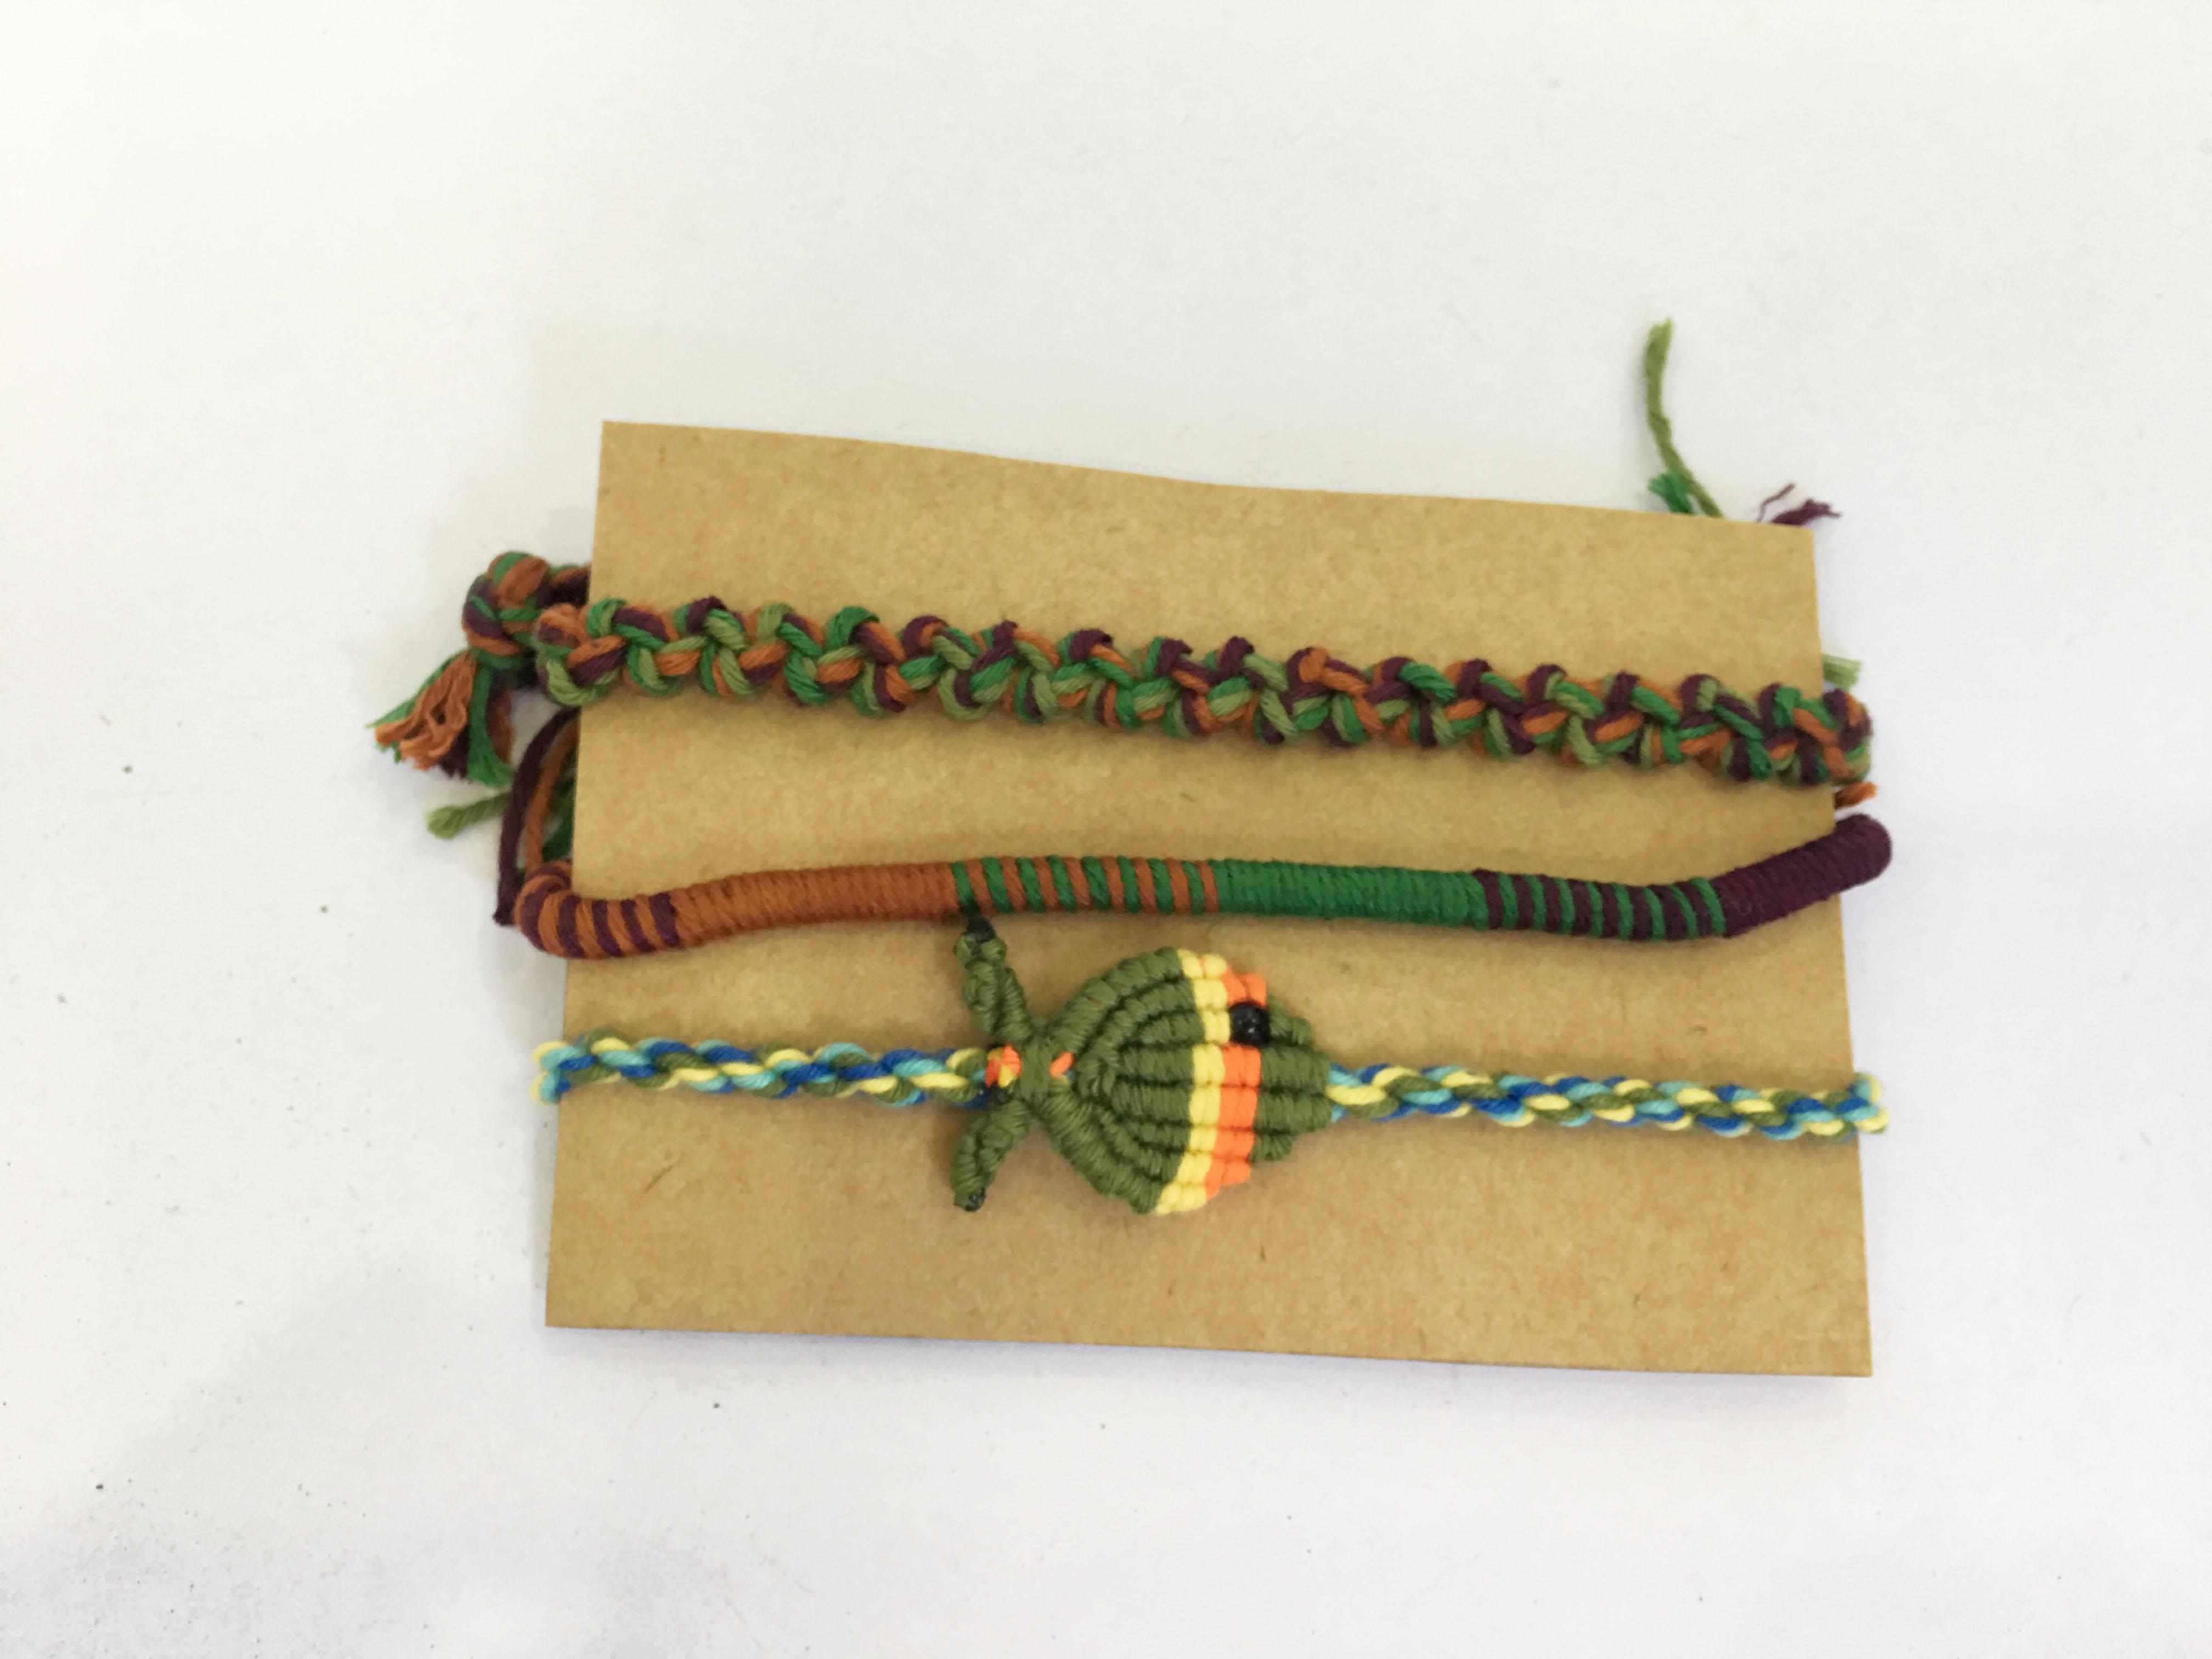 Vòng tay friendship handmade - Bộ 3 vòng (phát màu ngẫu nhiên)